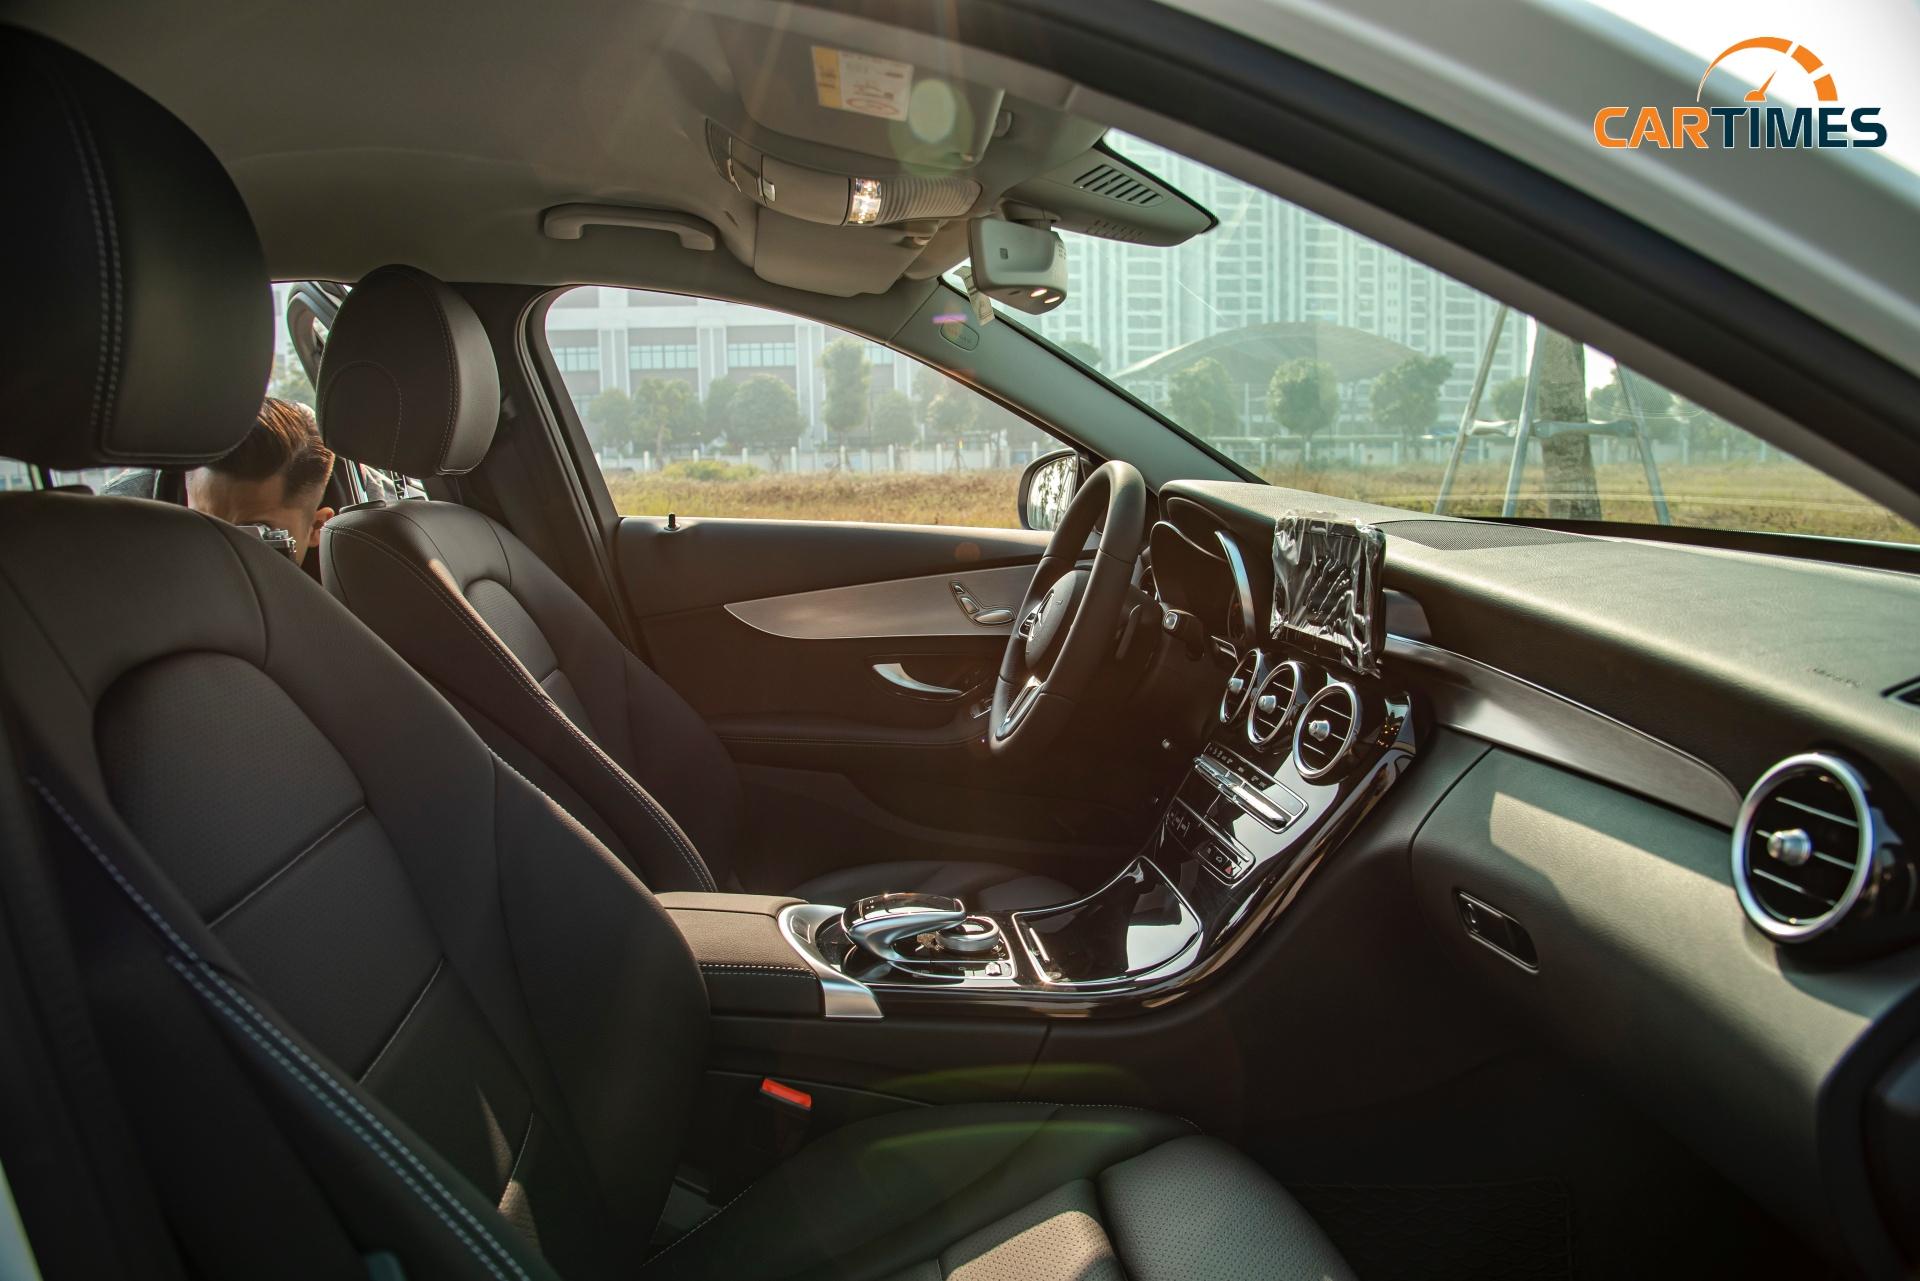 Còn mới tinh tươm, ODO chưa qua 50 km, Mercedes-Benz C 180 2020 đã được rao bán trên thị trường xe cũ -9